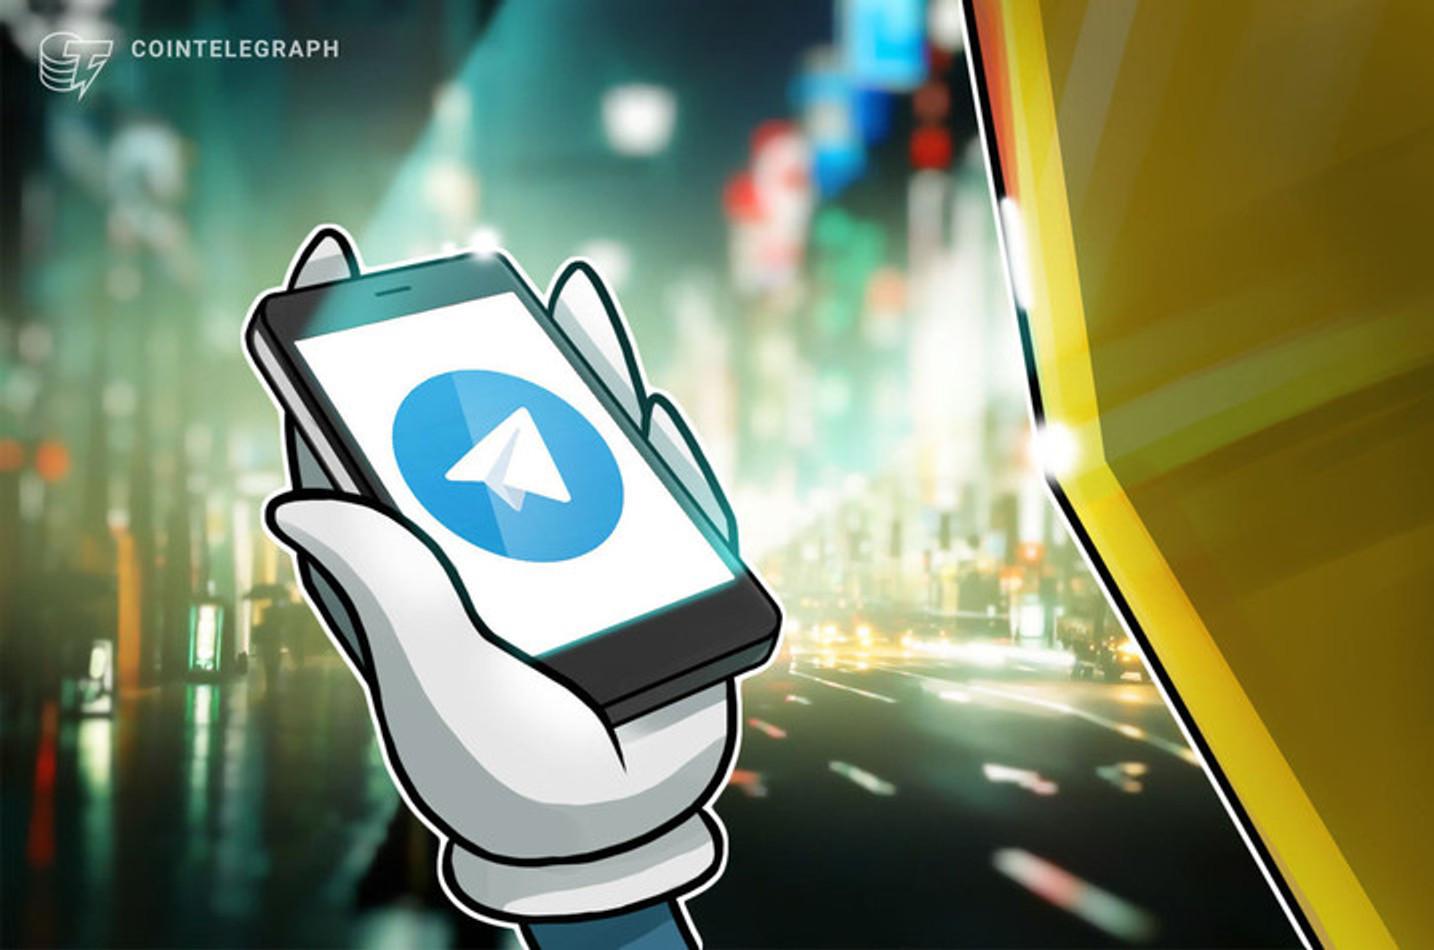 Banco digital lançado no Brasil permite pagamentos com Bitcoin por chat no Telegram